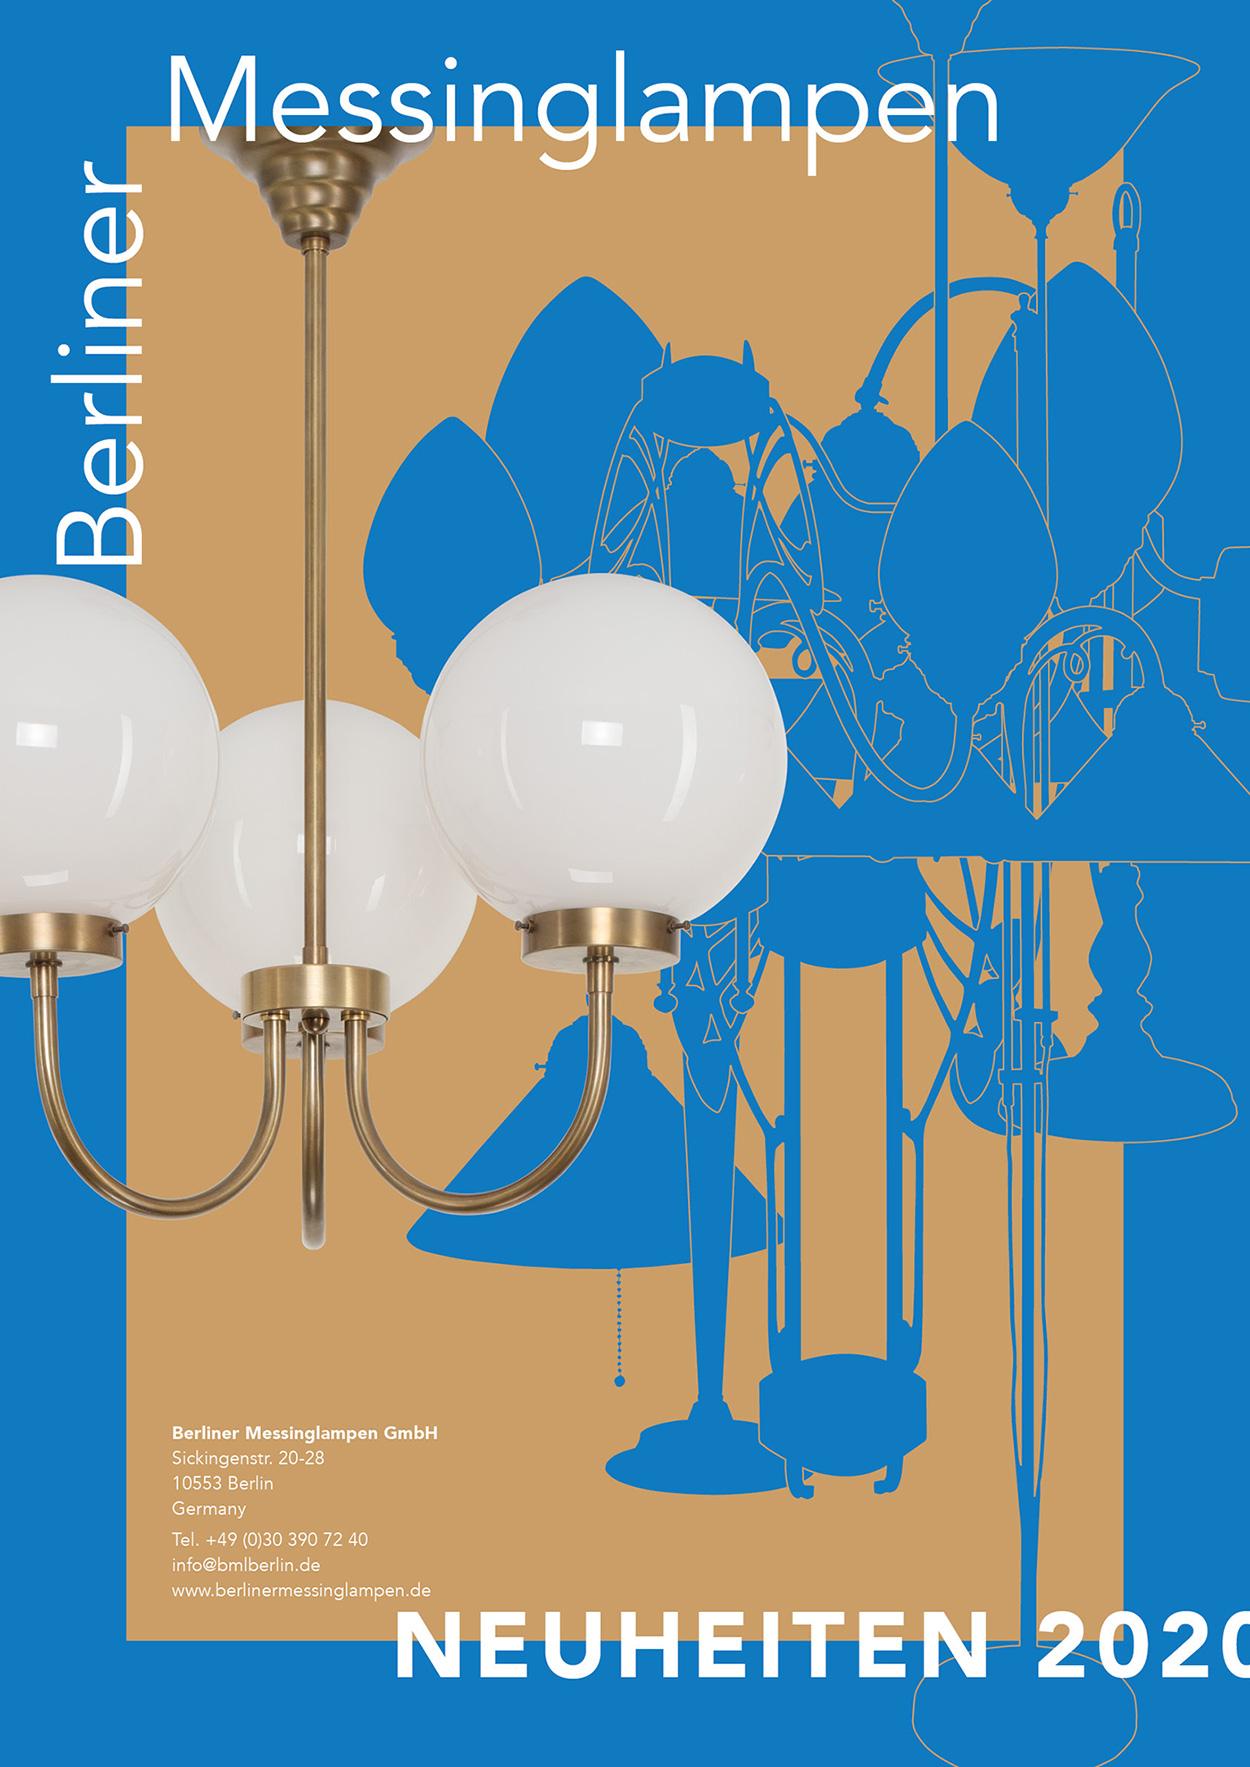 Katalog der Berliner Messinglampen GmbH mit Neuheiten 2020